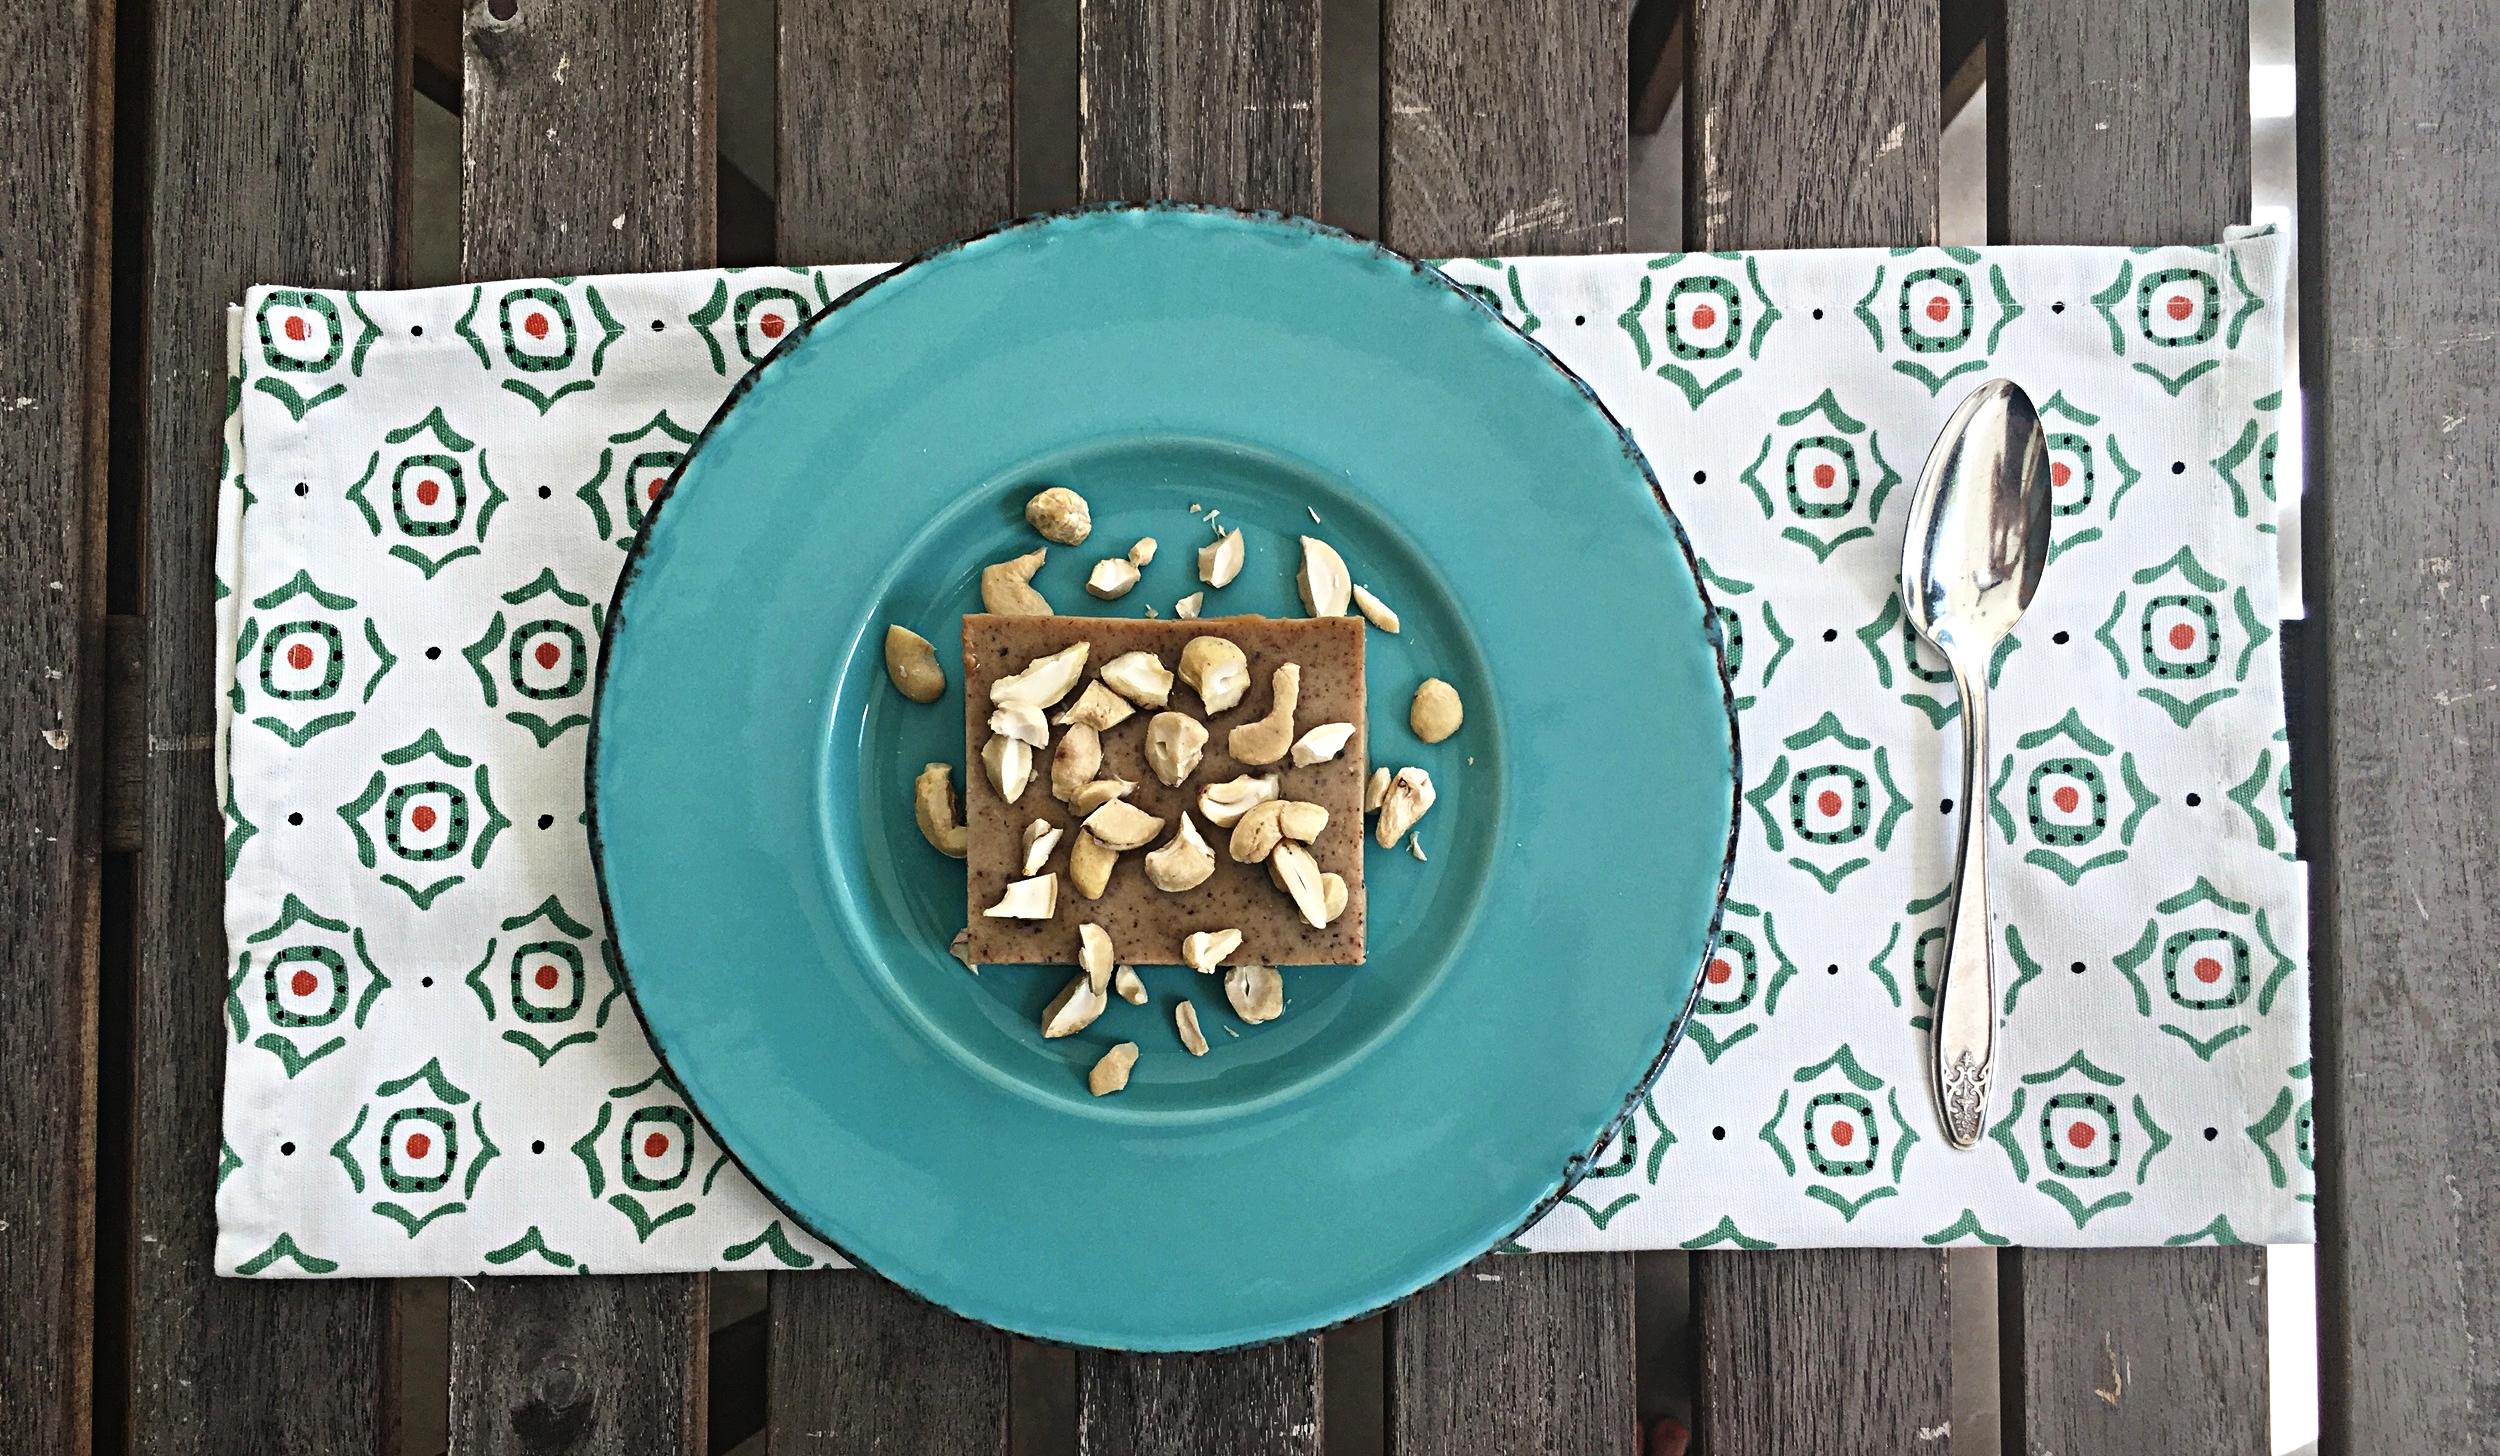 Pela quantidade de ovos, a textura do pudim é mais firme e possibilita o corte. A apresentação mais comum da sobremesa é em pedaços quadrados ou retangulares. Castanhas de caju picadas ou separadas em duas metades finalizam a sobremesa.